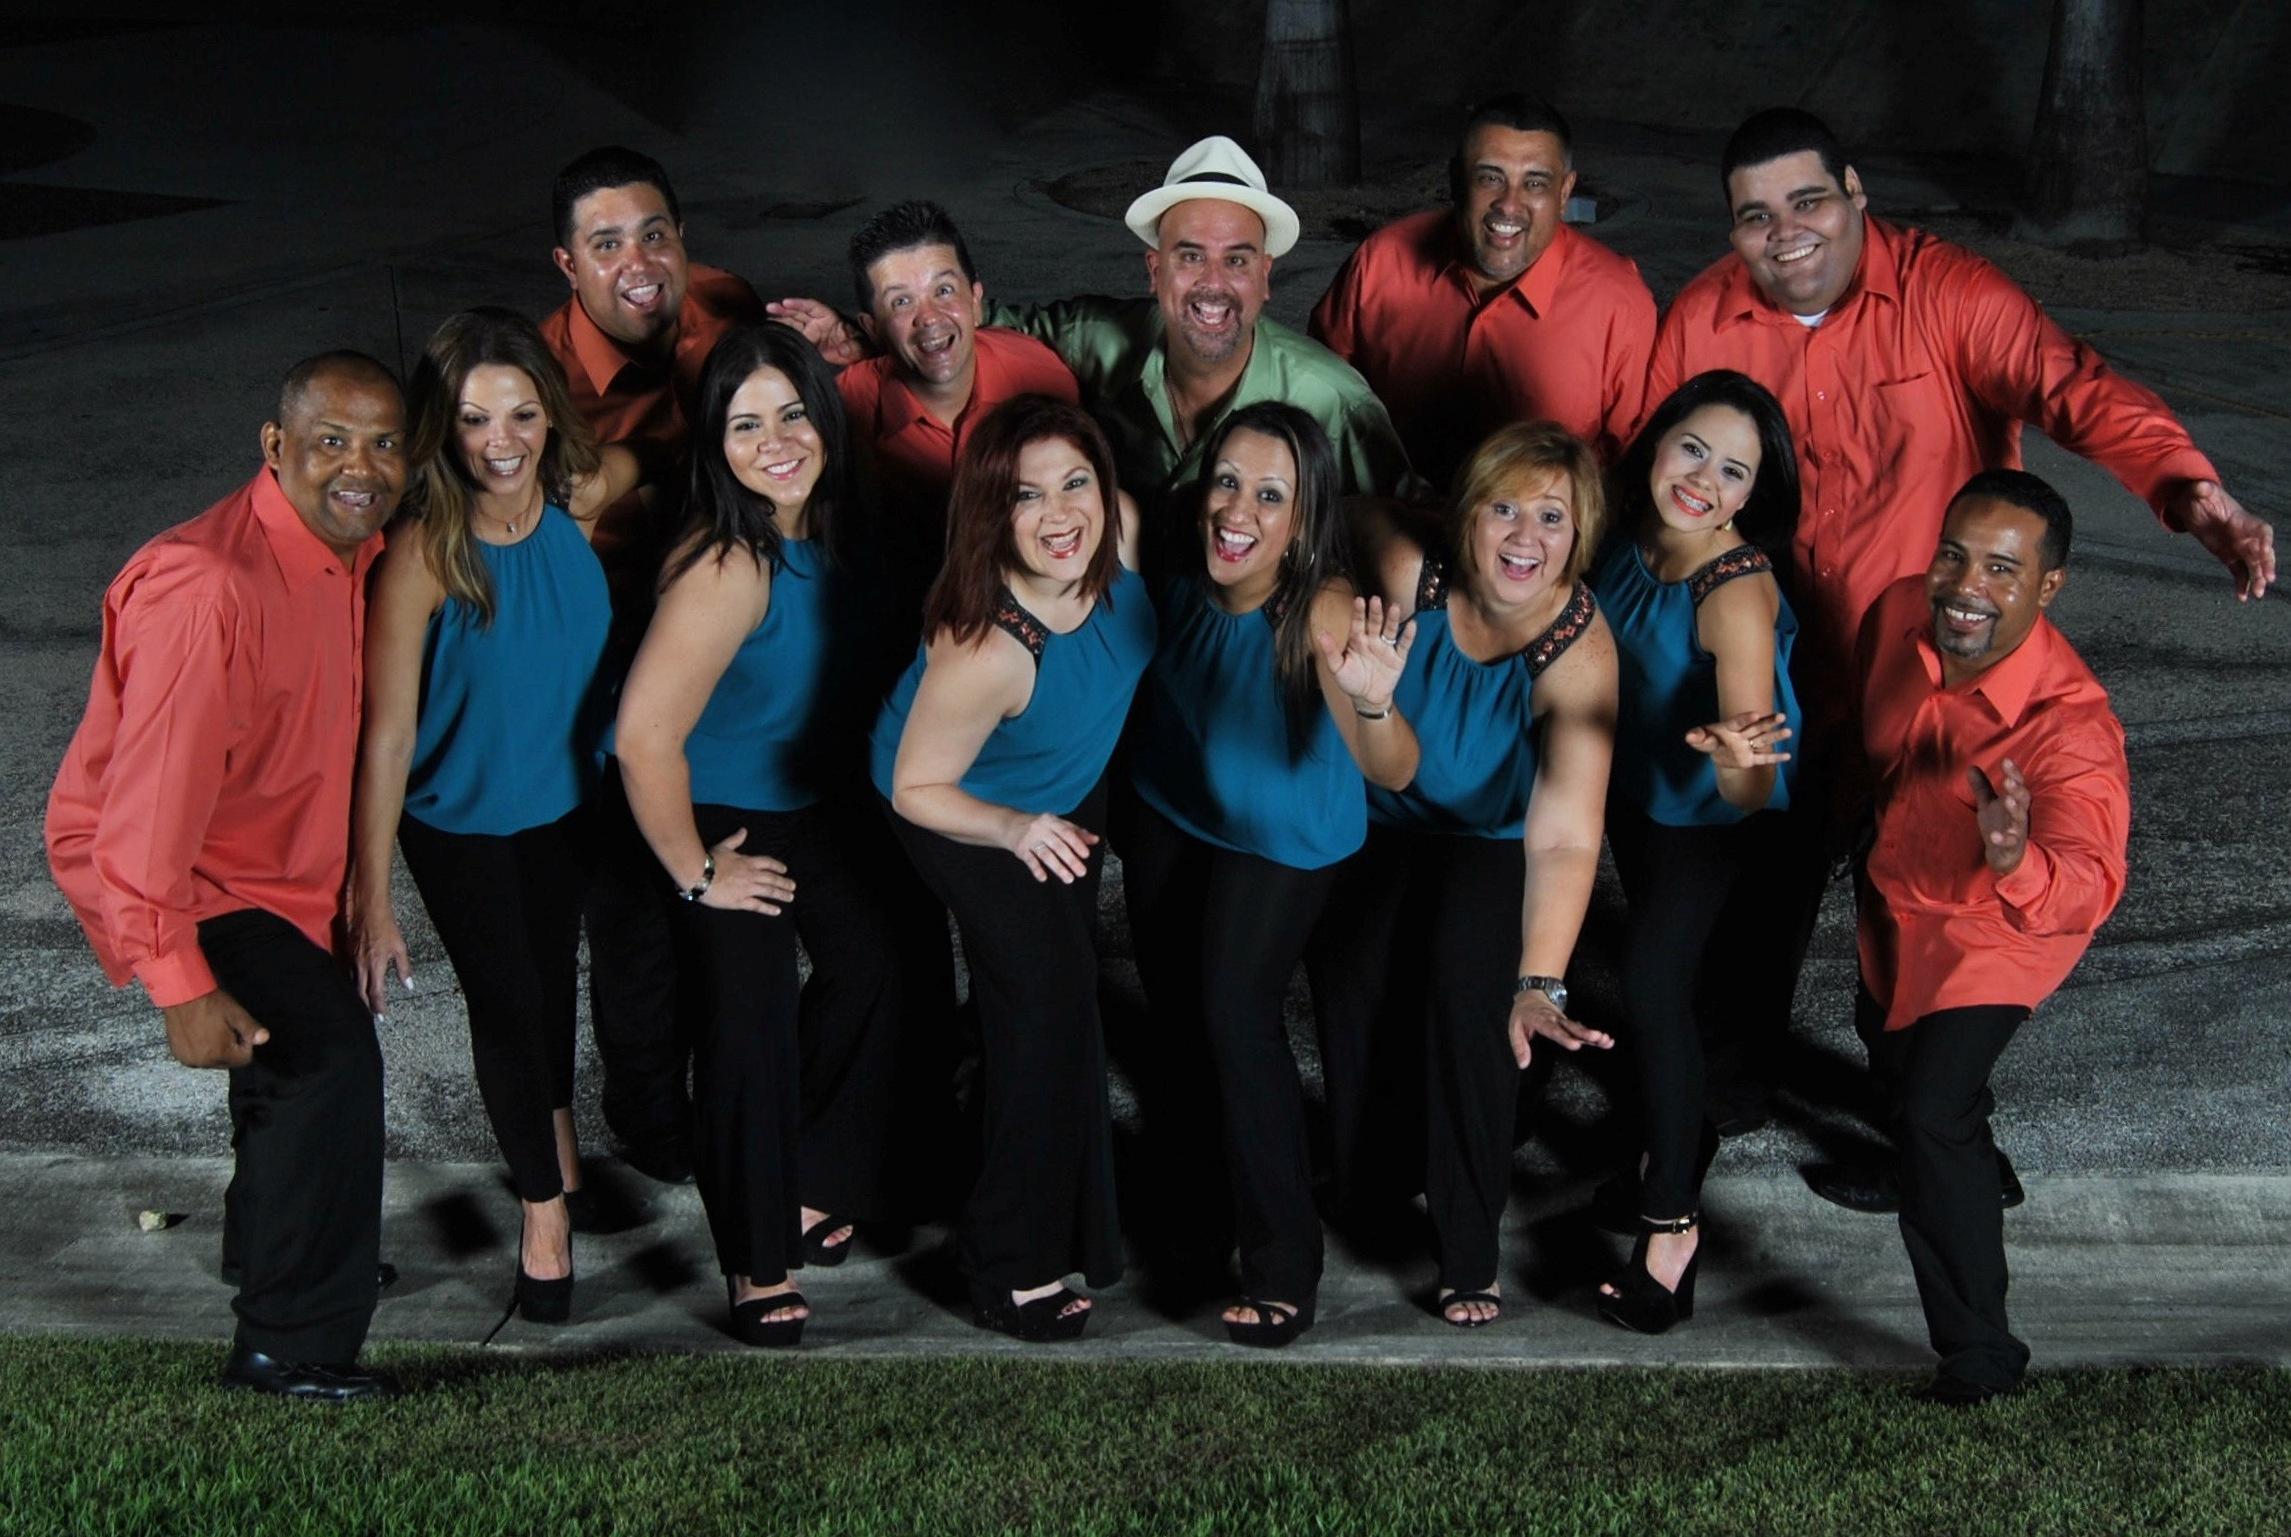 Los Cantores de Bayamón se encuentran muy entusiasmados con su nueva propuesta discográfica. (Foto suministrada)